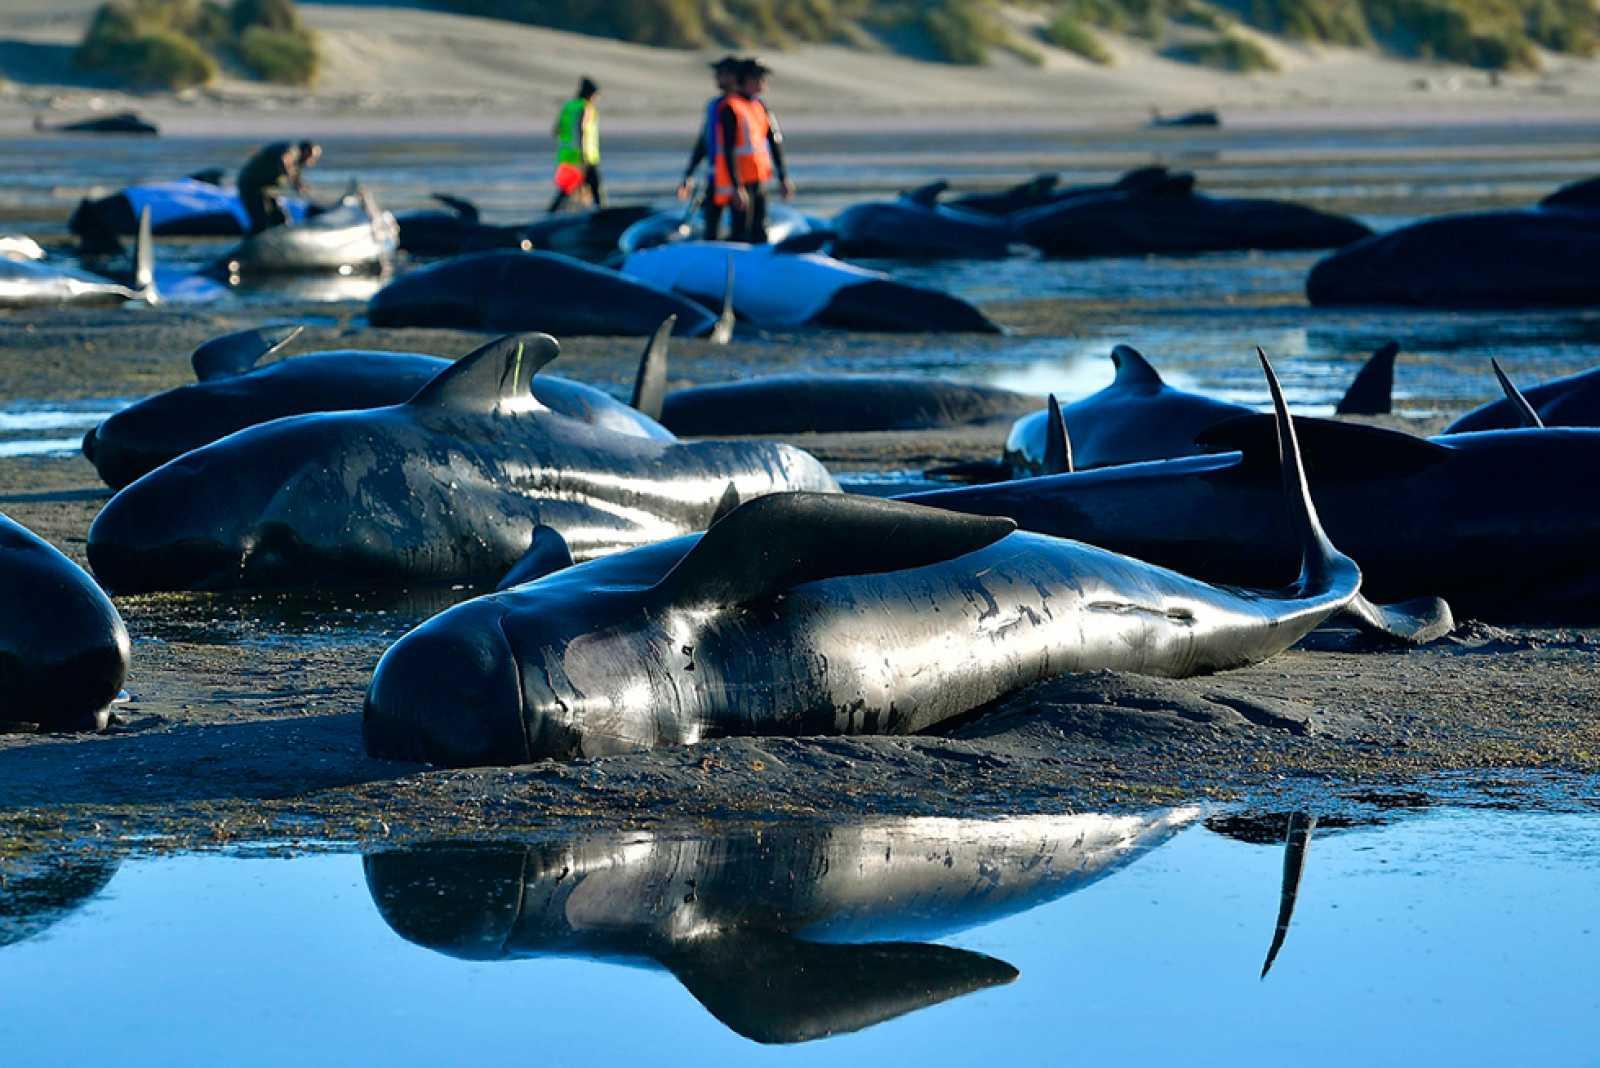 Para Todos Los Pblicos Cadveres De 300 Ballenas Varadas En Nueva Zelanda Podran Estallar Por Acumulacin Gases Reproducir Video